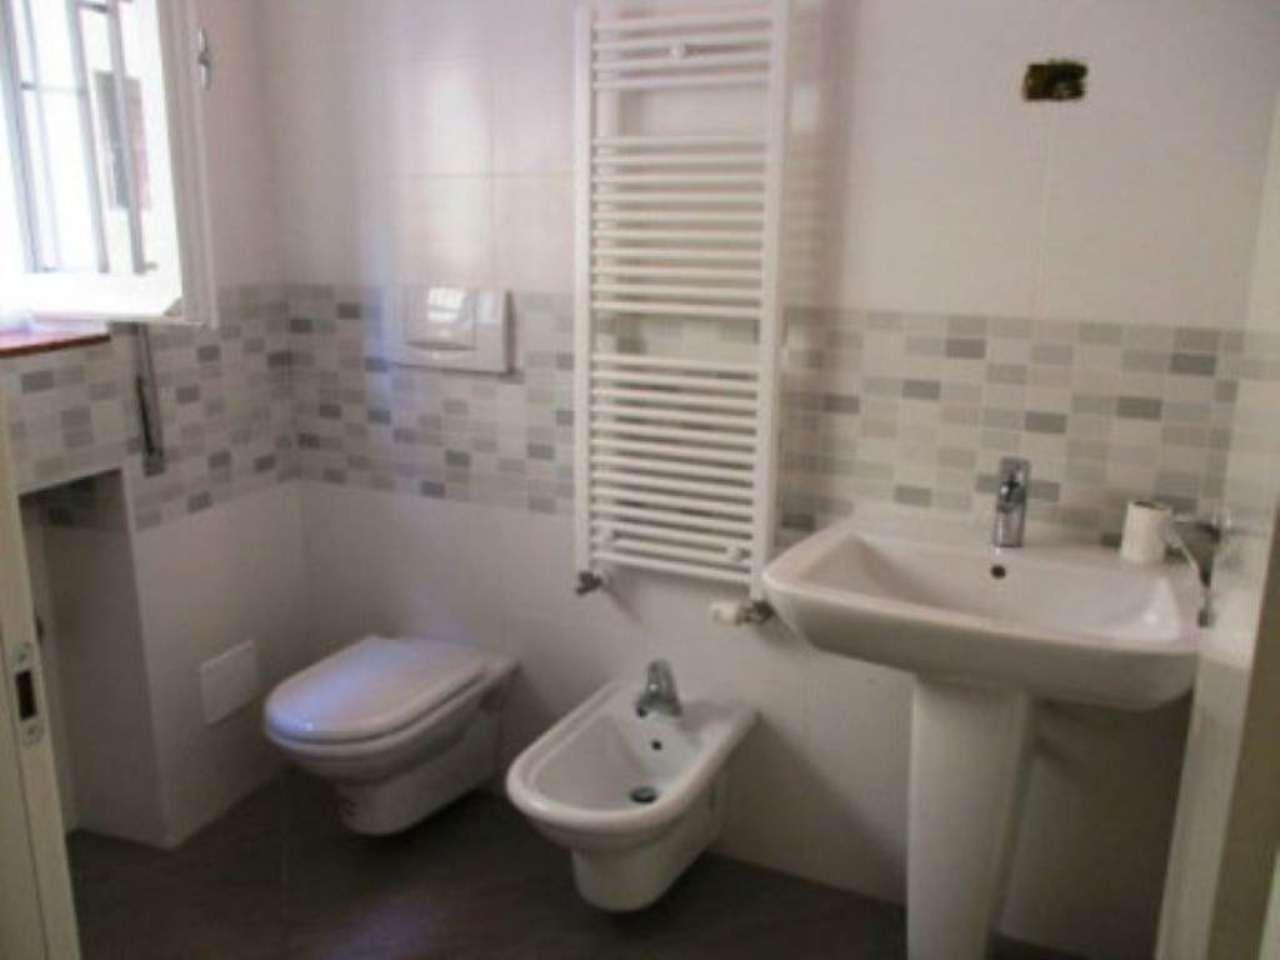 Appartamento in vendita a Calvenzano, 2 locali, prezzo € 45.000 | Cambio Casa.it